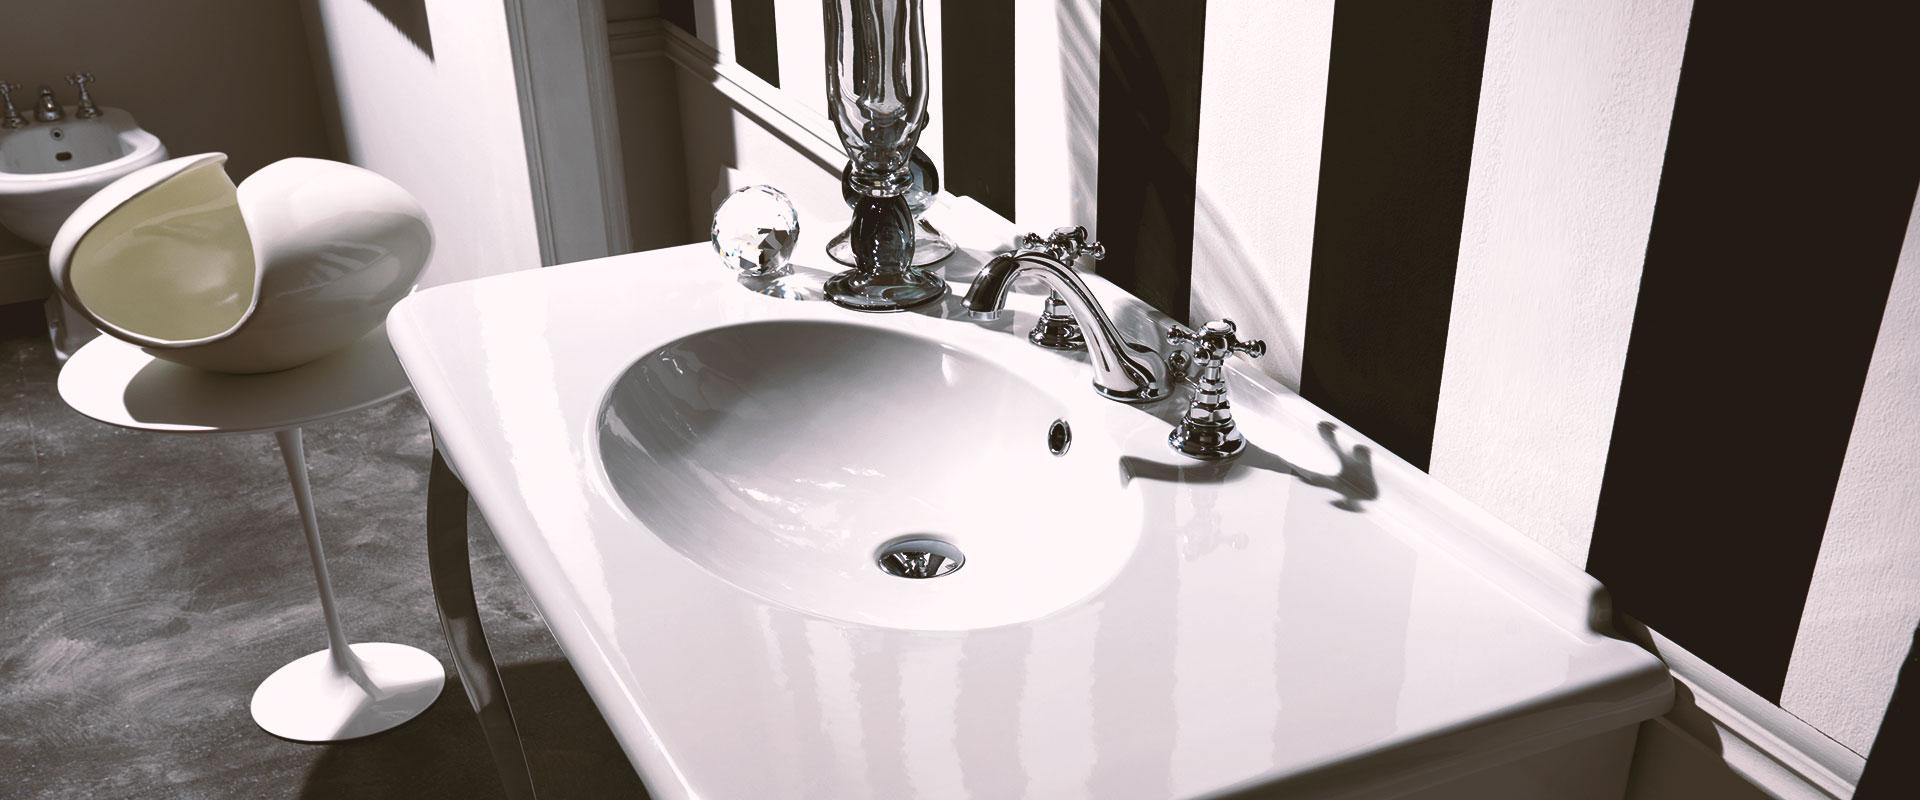 Kerasan - sanitari e lavabi in ceramica - arredo bagno